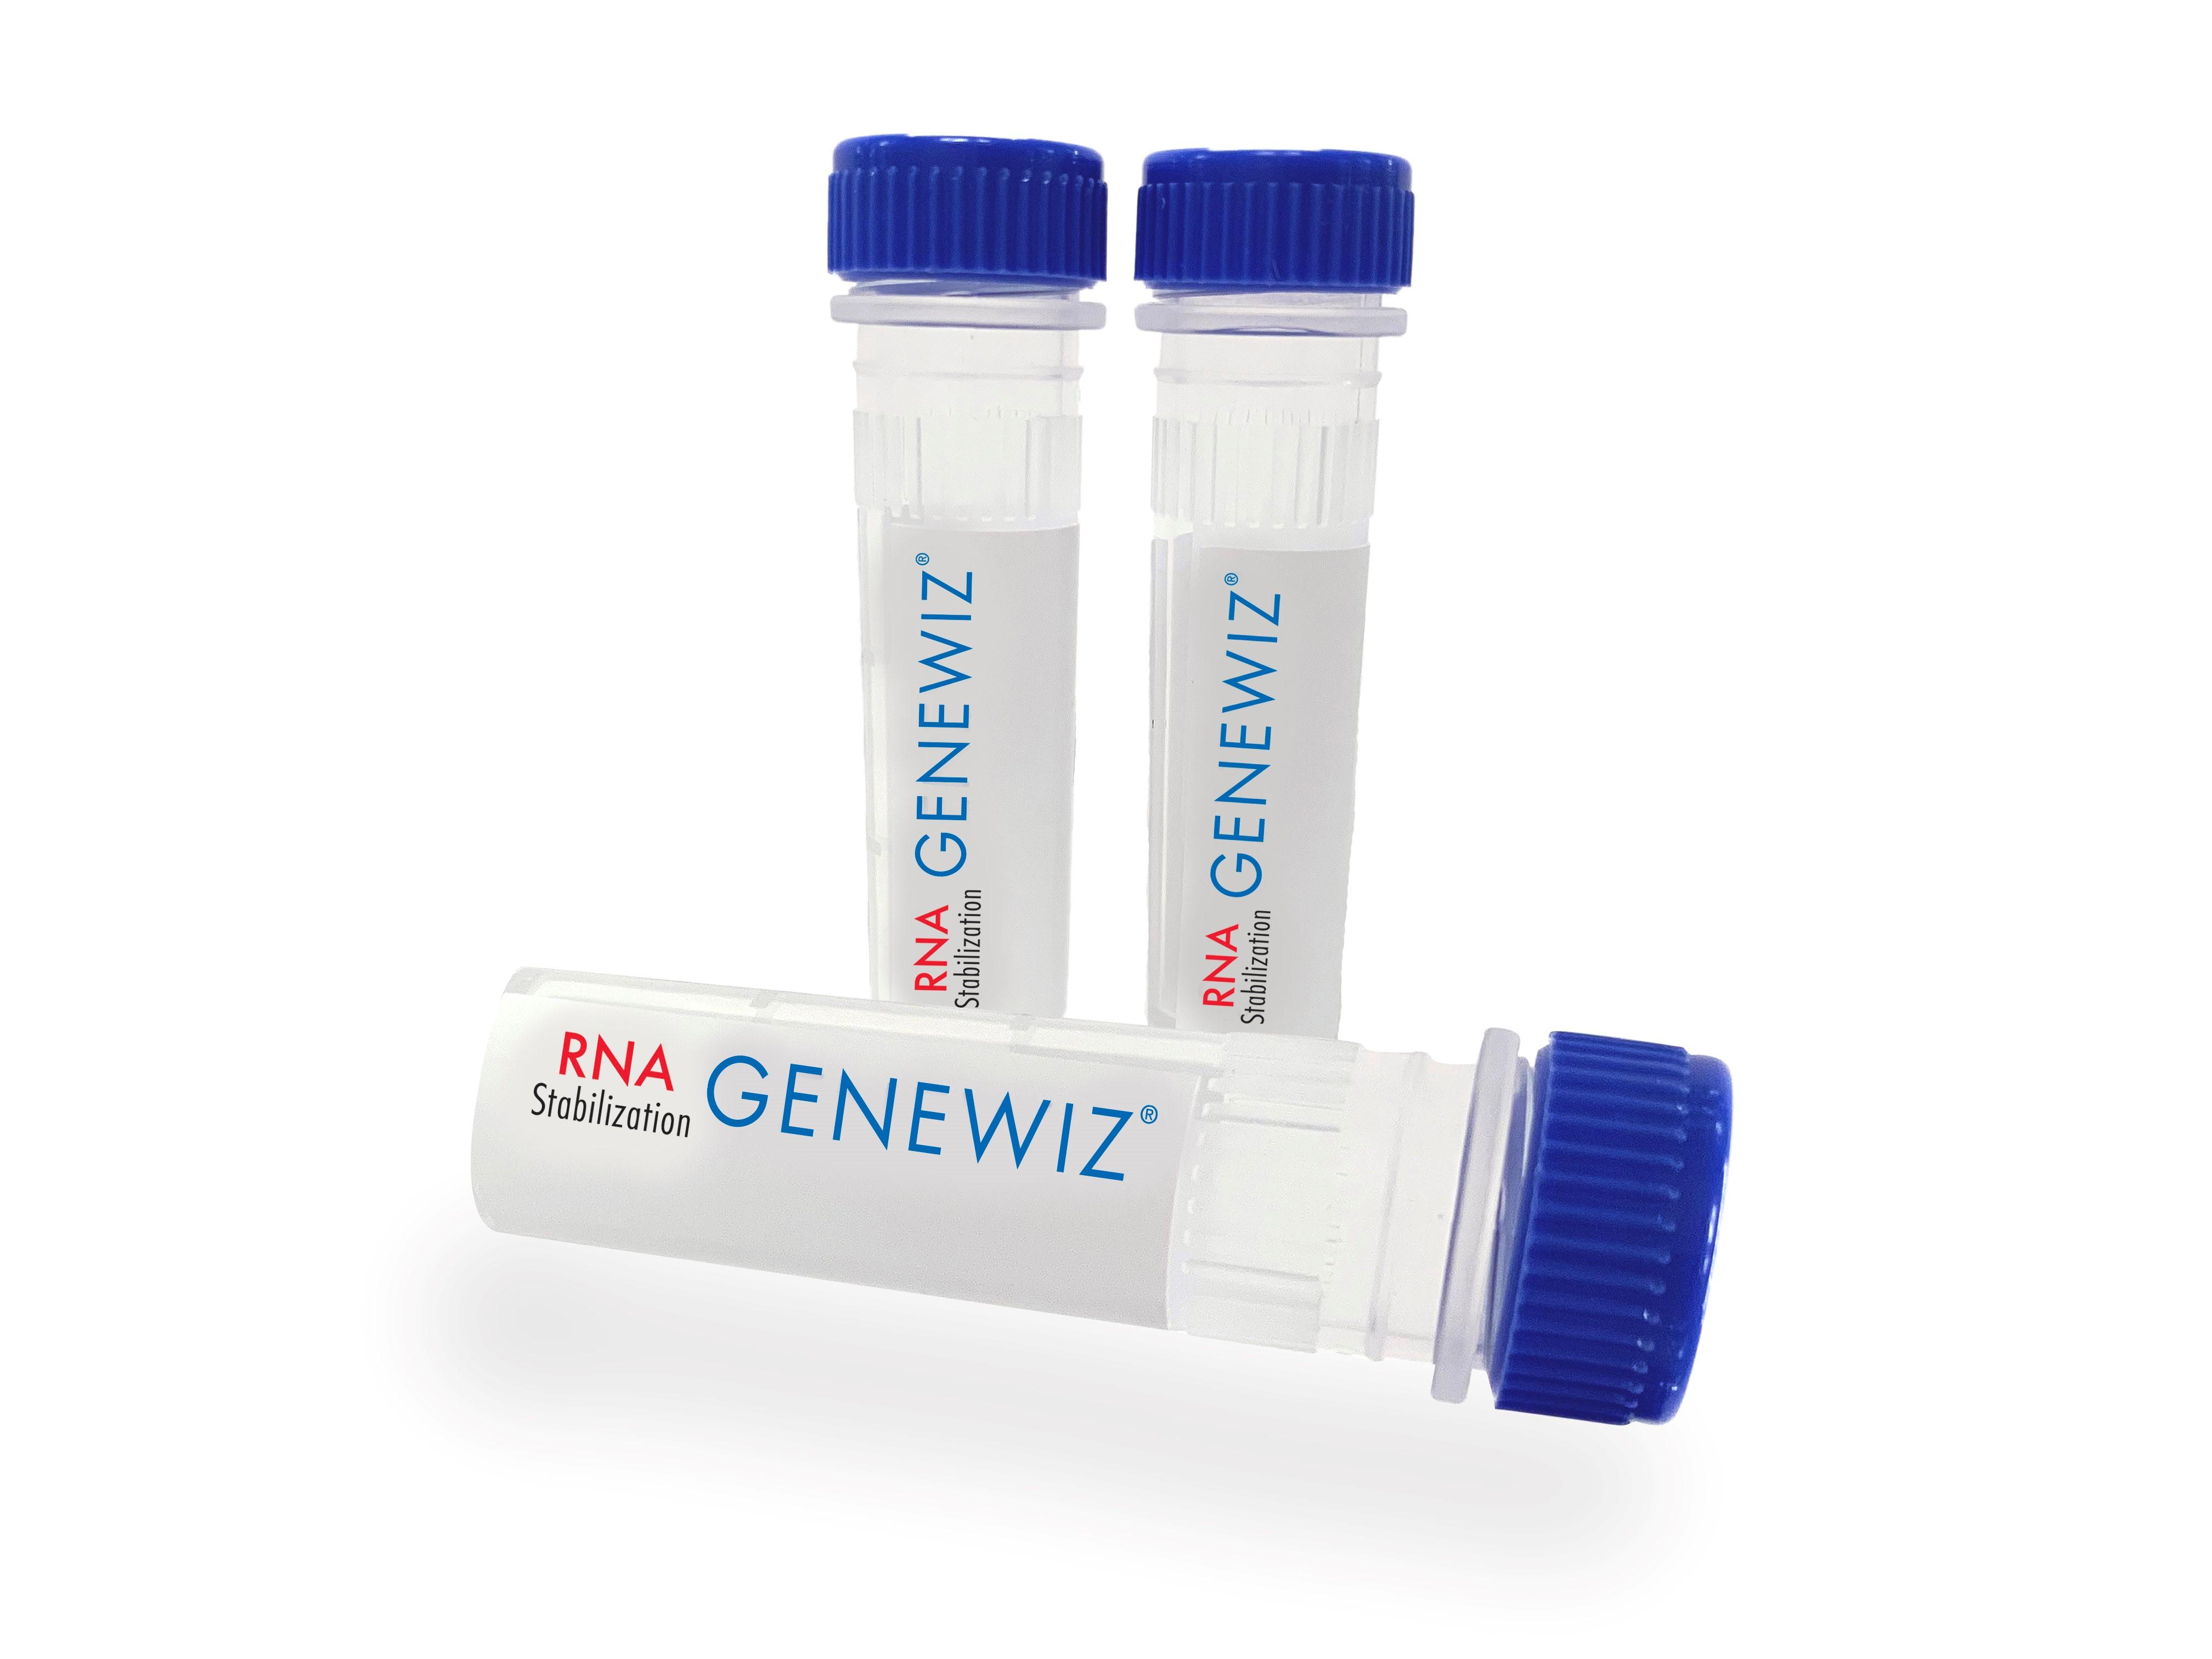 GENEWIZ RNA Stabilization Tube